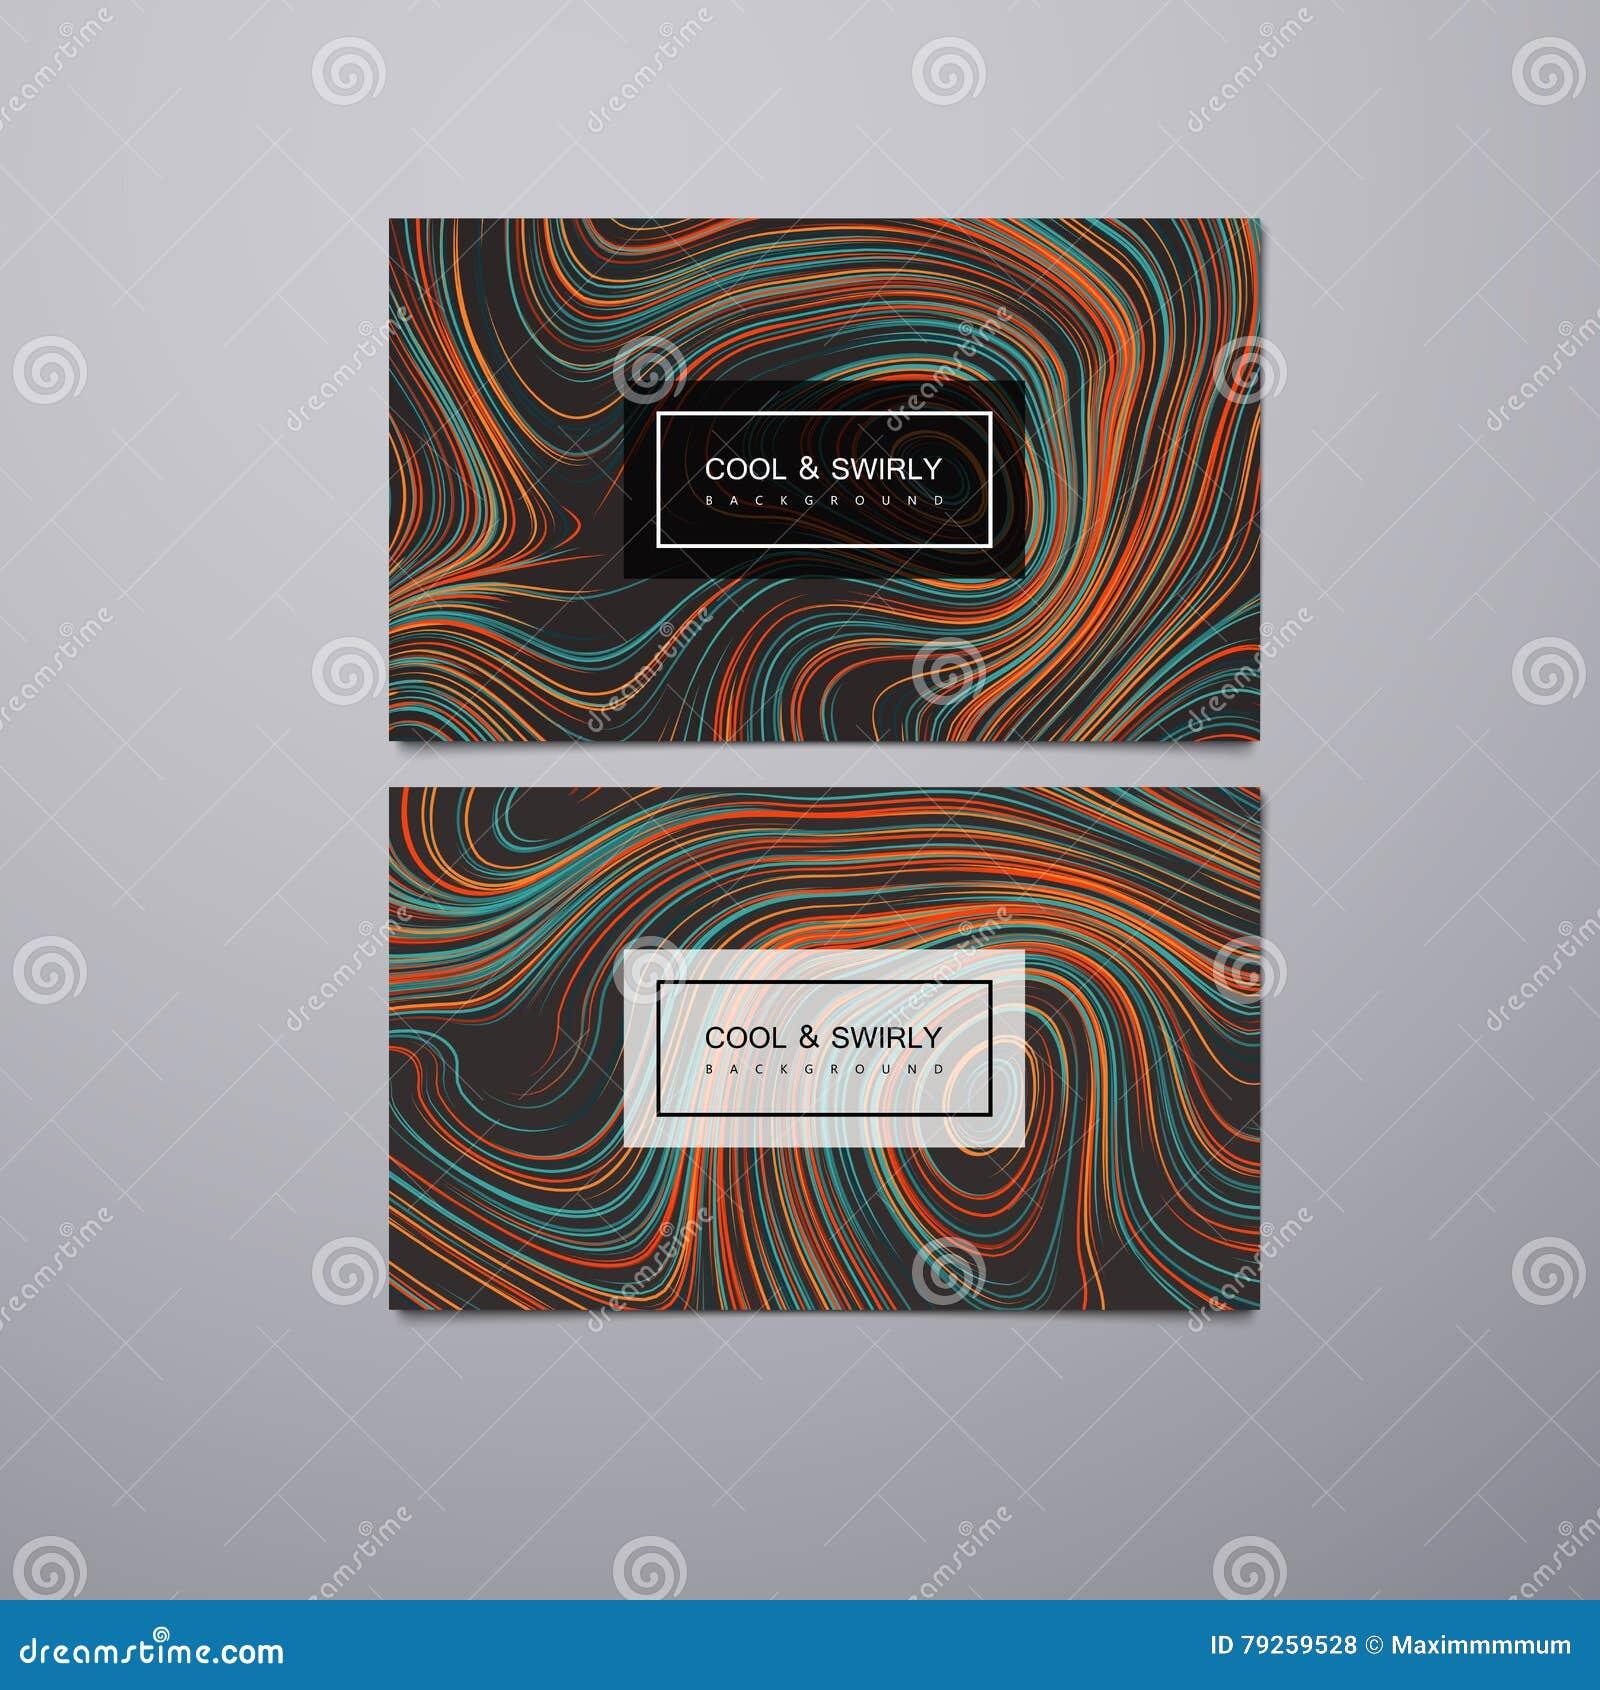 La Salutation Invitation Cartes De Visite Professionnelle Concoivent Le Calibre Avec Les Rayures Tourbillonnees Lillustration Vecteur Du